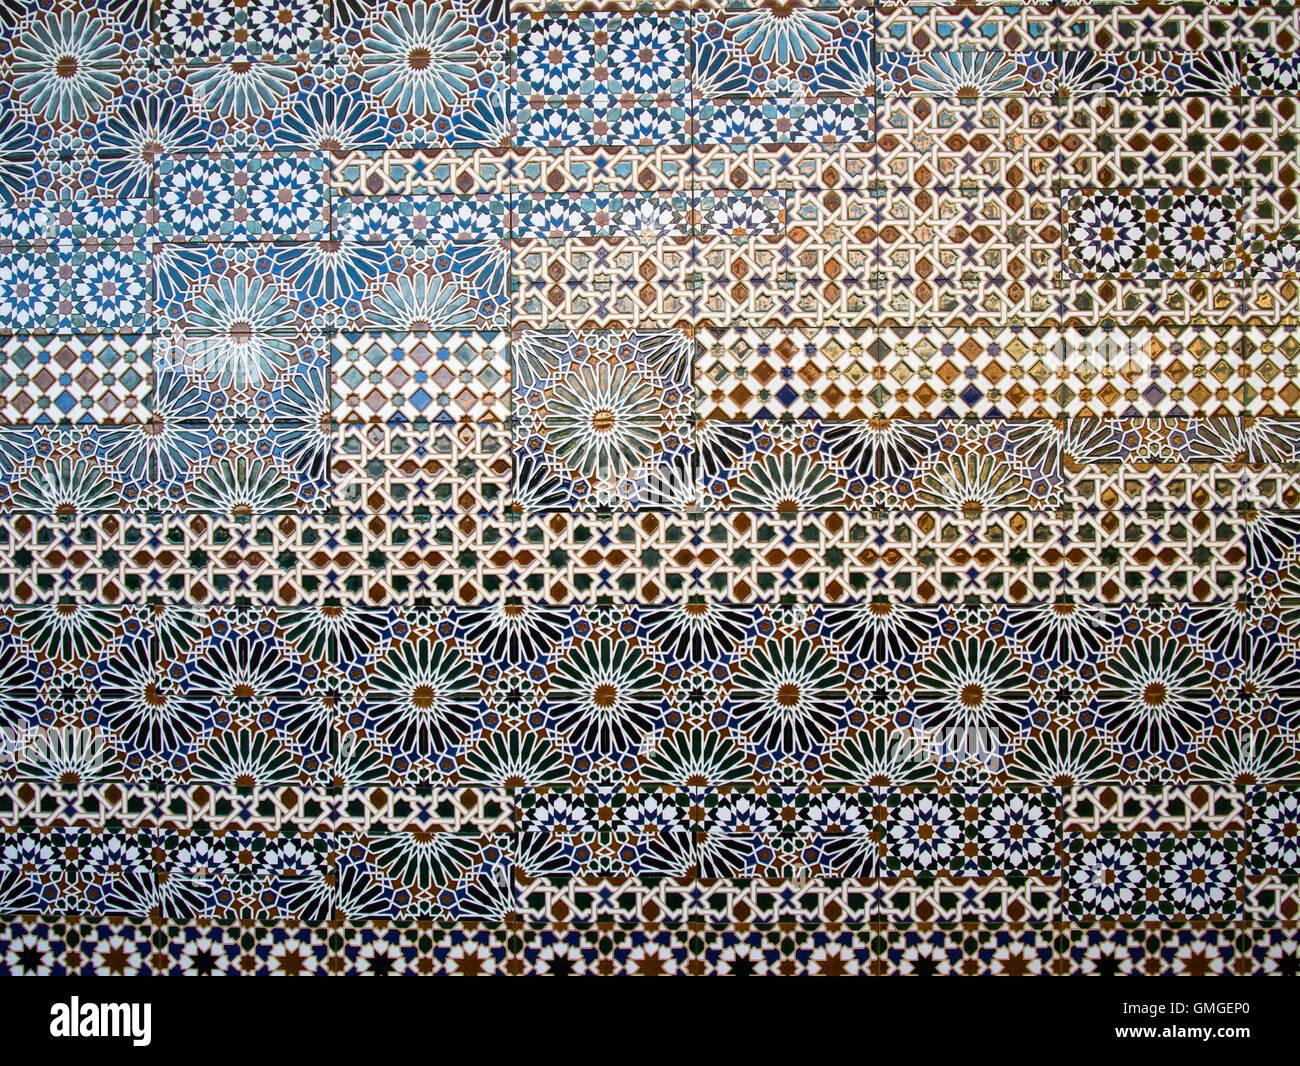 Patterned tiles at the Palacio de Congresos, Toledo, Spain Stock Photo